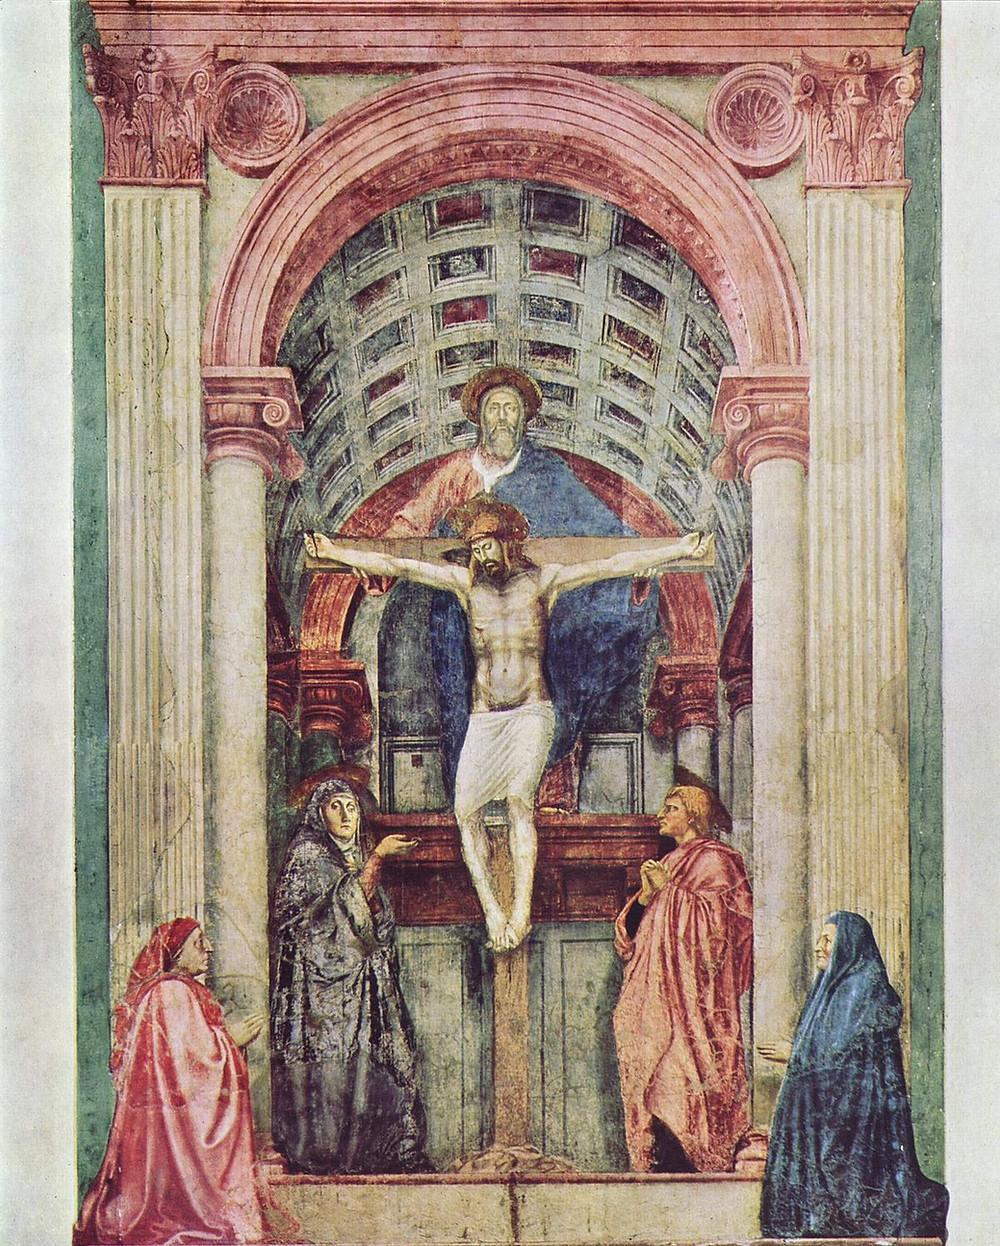 Masaccio, Holy Trinity, 1427